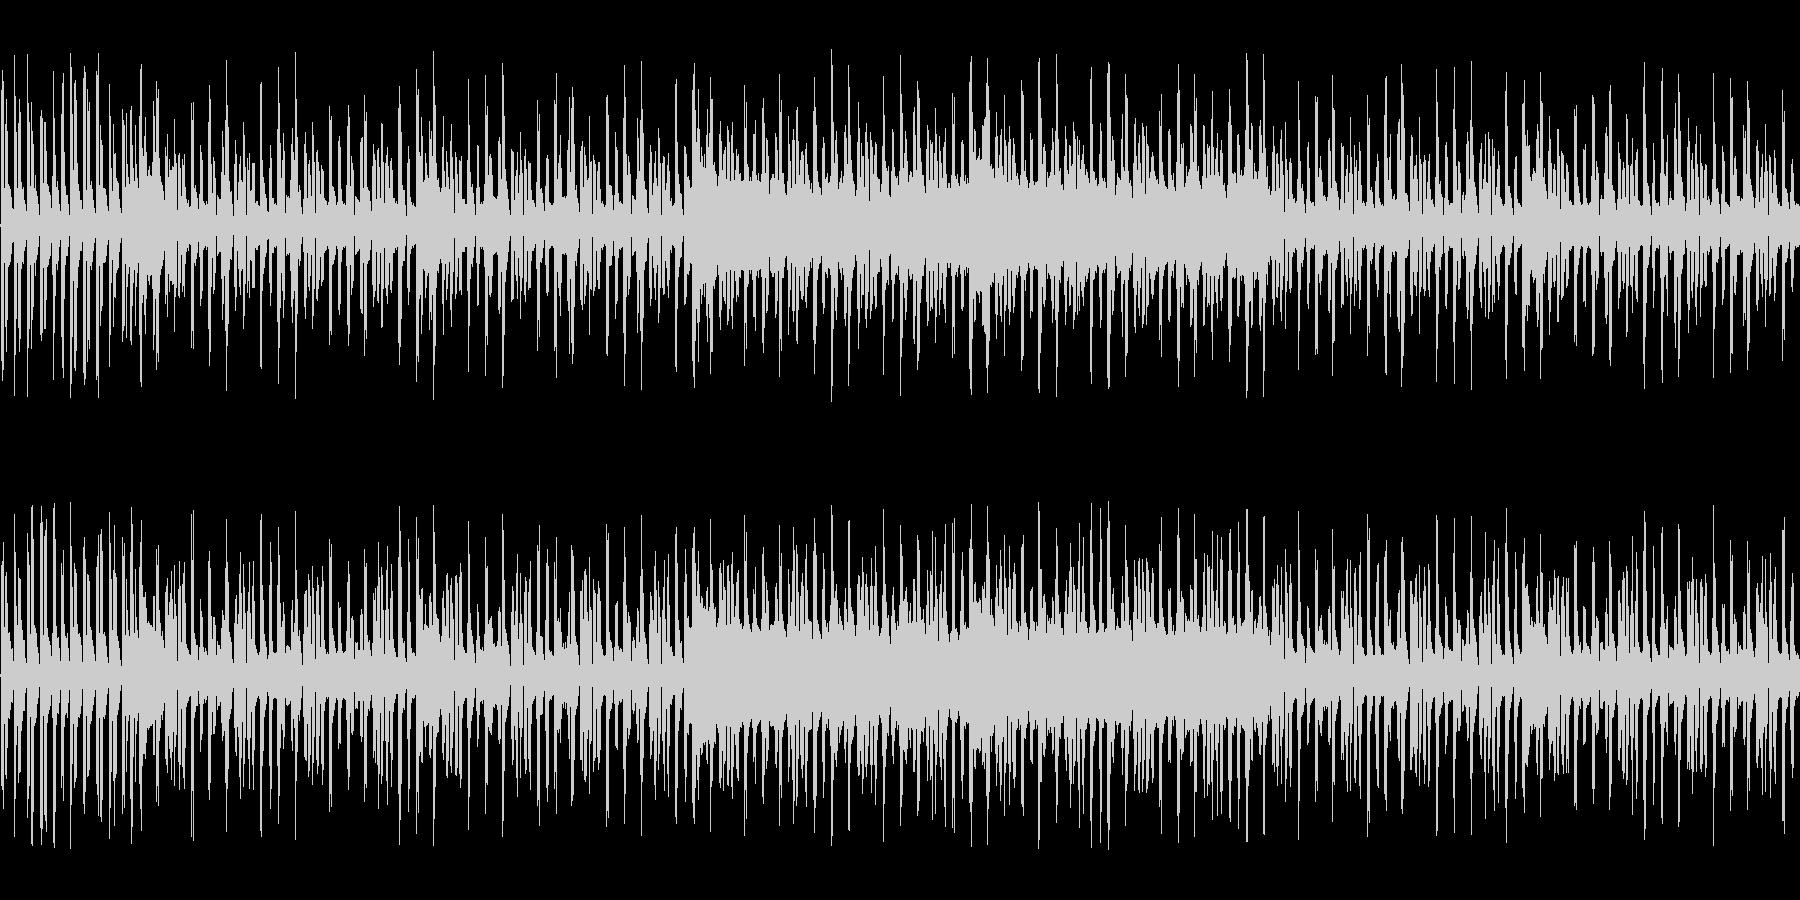 アクション向きの不思議系チップチューンの未再生の波形